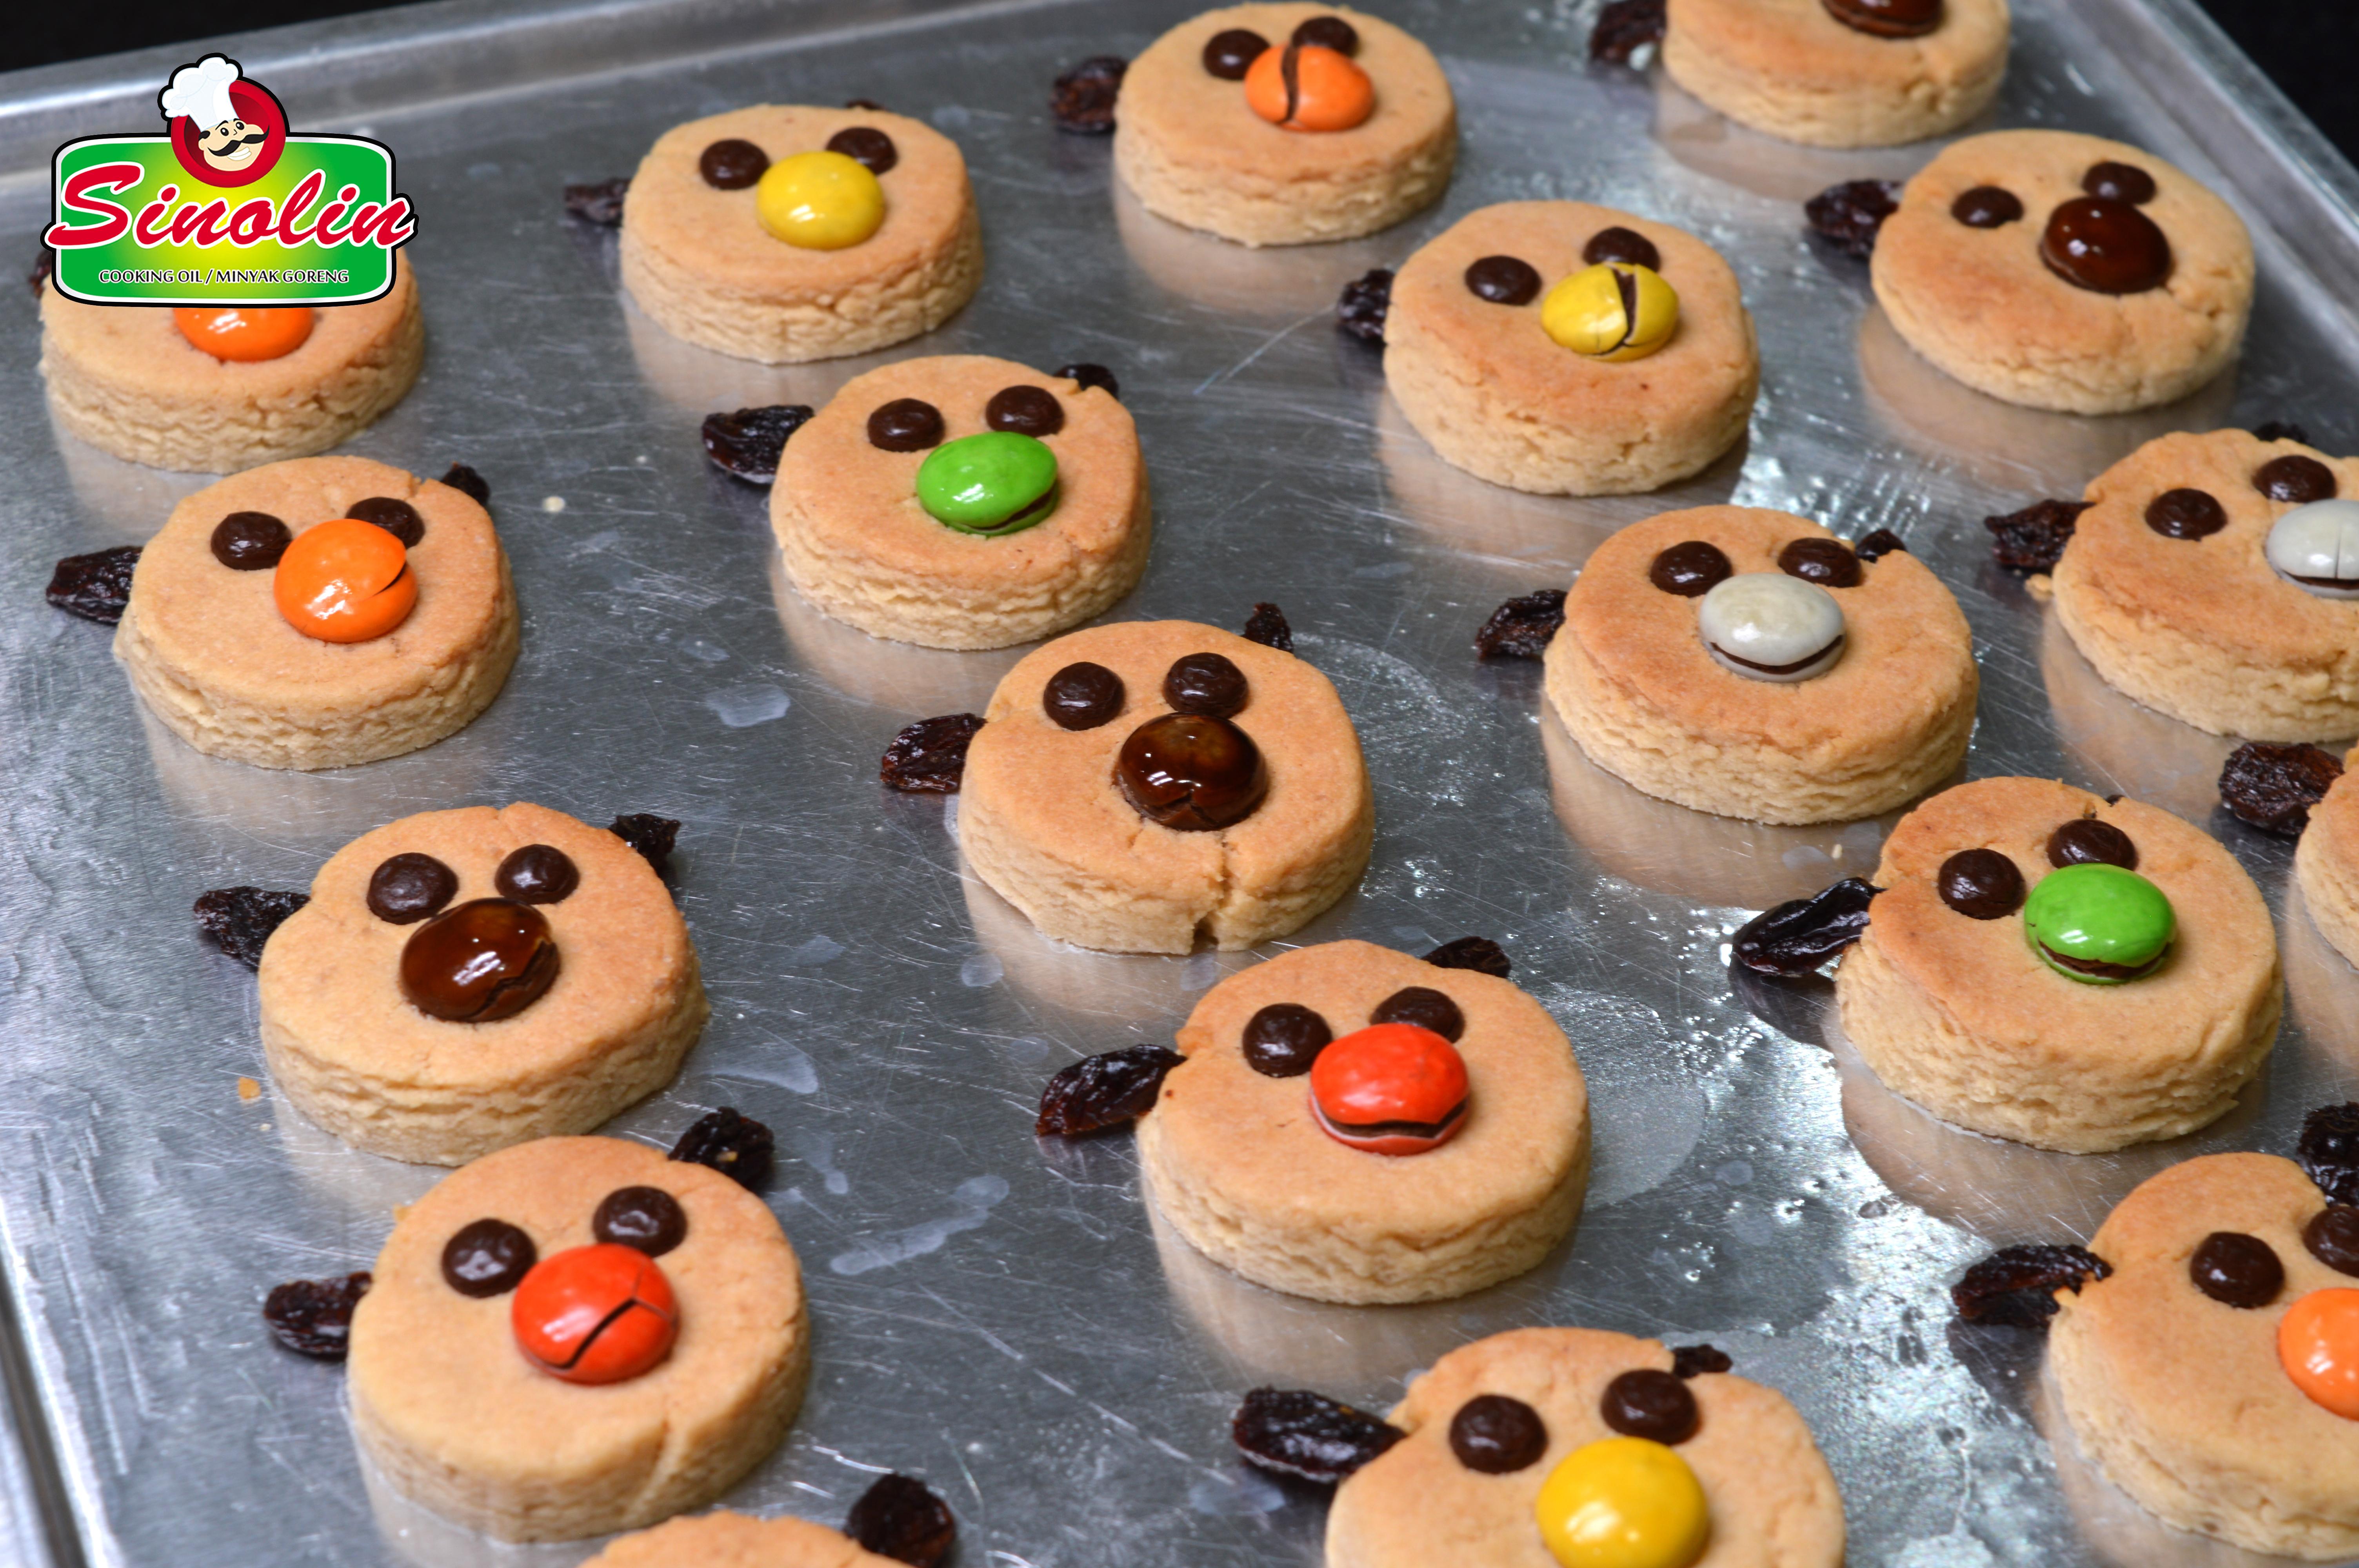 Kukis Kacang Rusa Kutub Oleh Dapur Sinolin